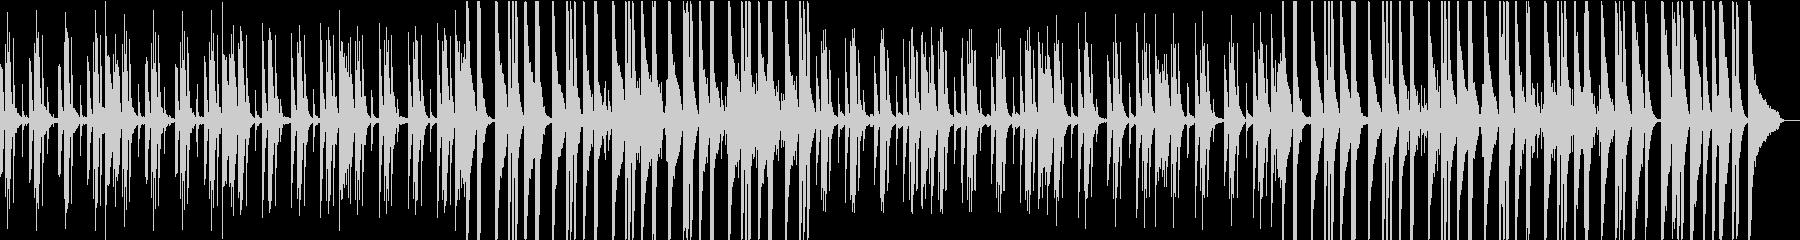 ミニマル音楽。不思議で幻想的なピアノ曲の未再生の波形